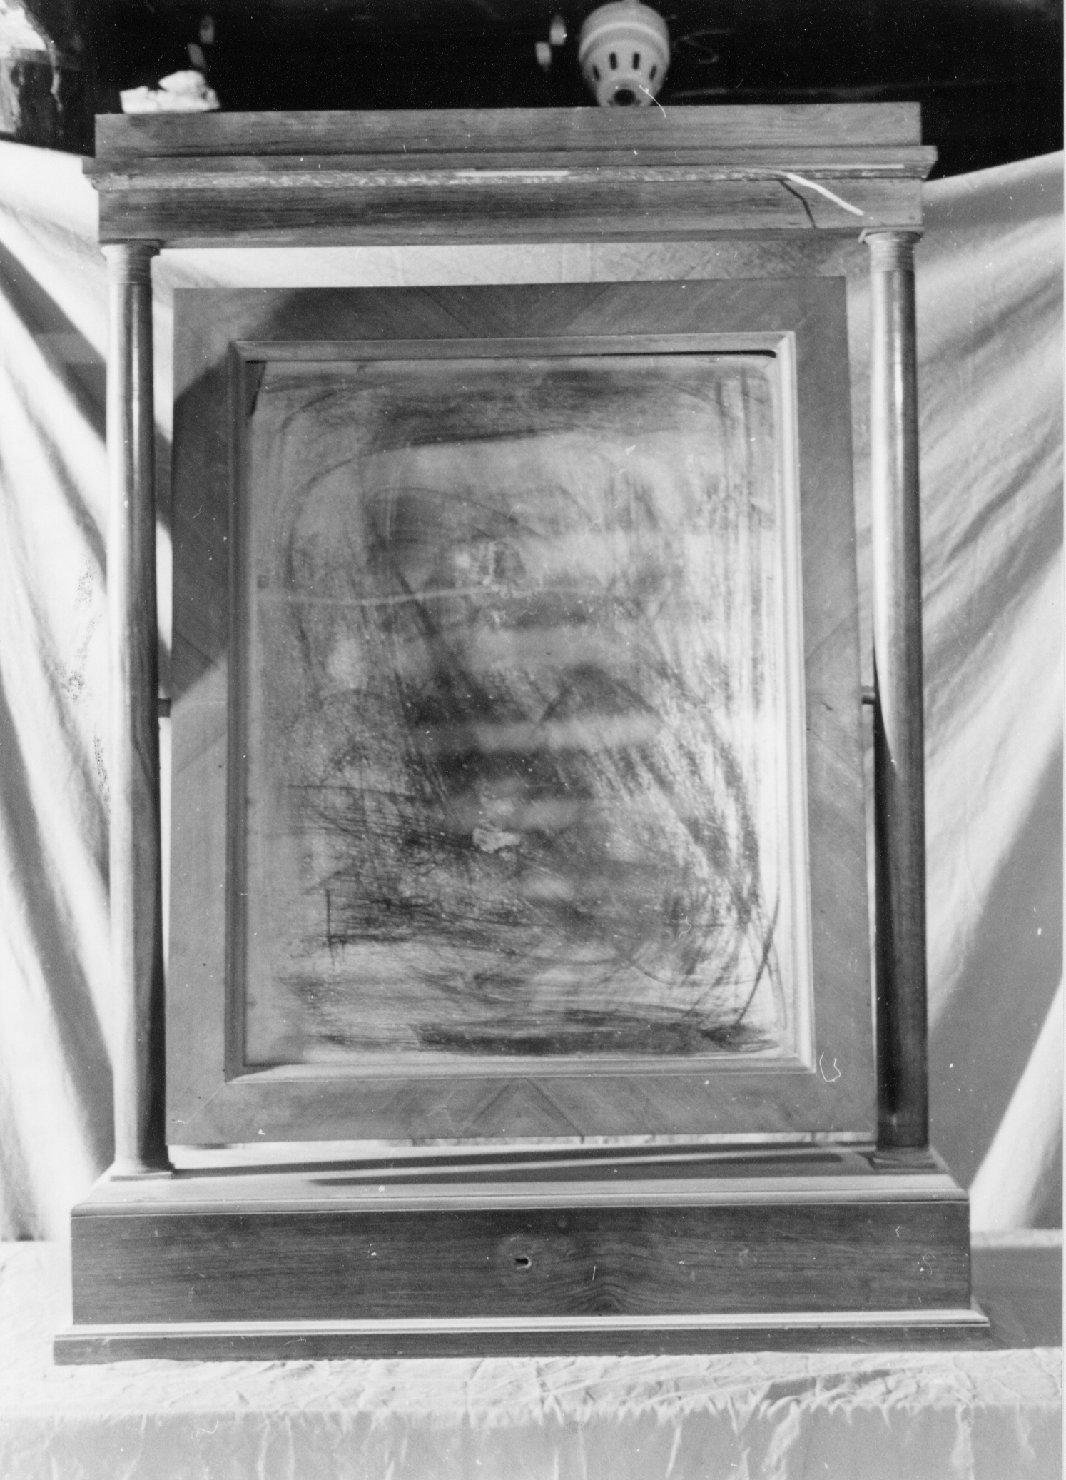 specchiera girevole, opera isolata - manifattura parmense (sec. XIX)